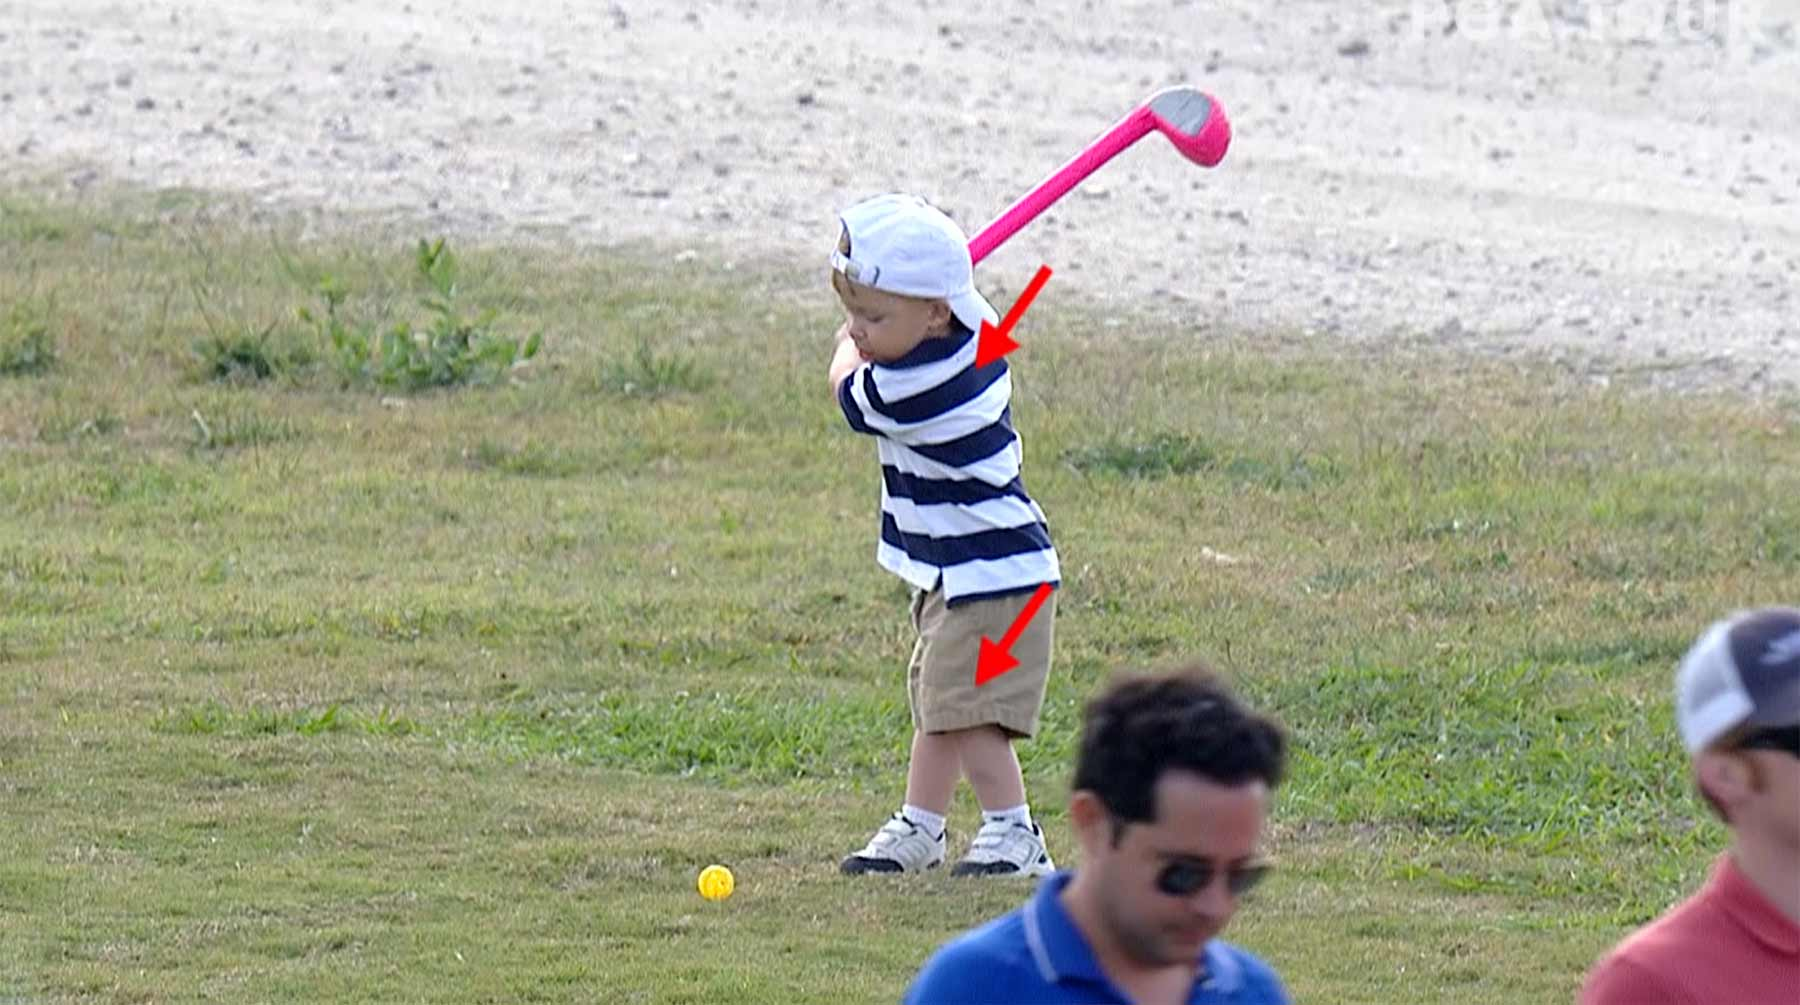 Profi-Golflehrer analysiert den Schwung eines Zweijährigen